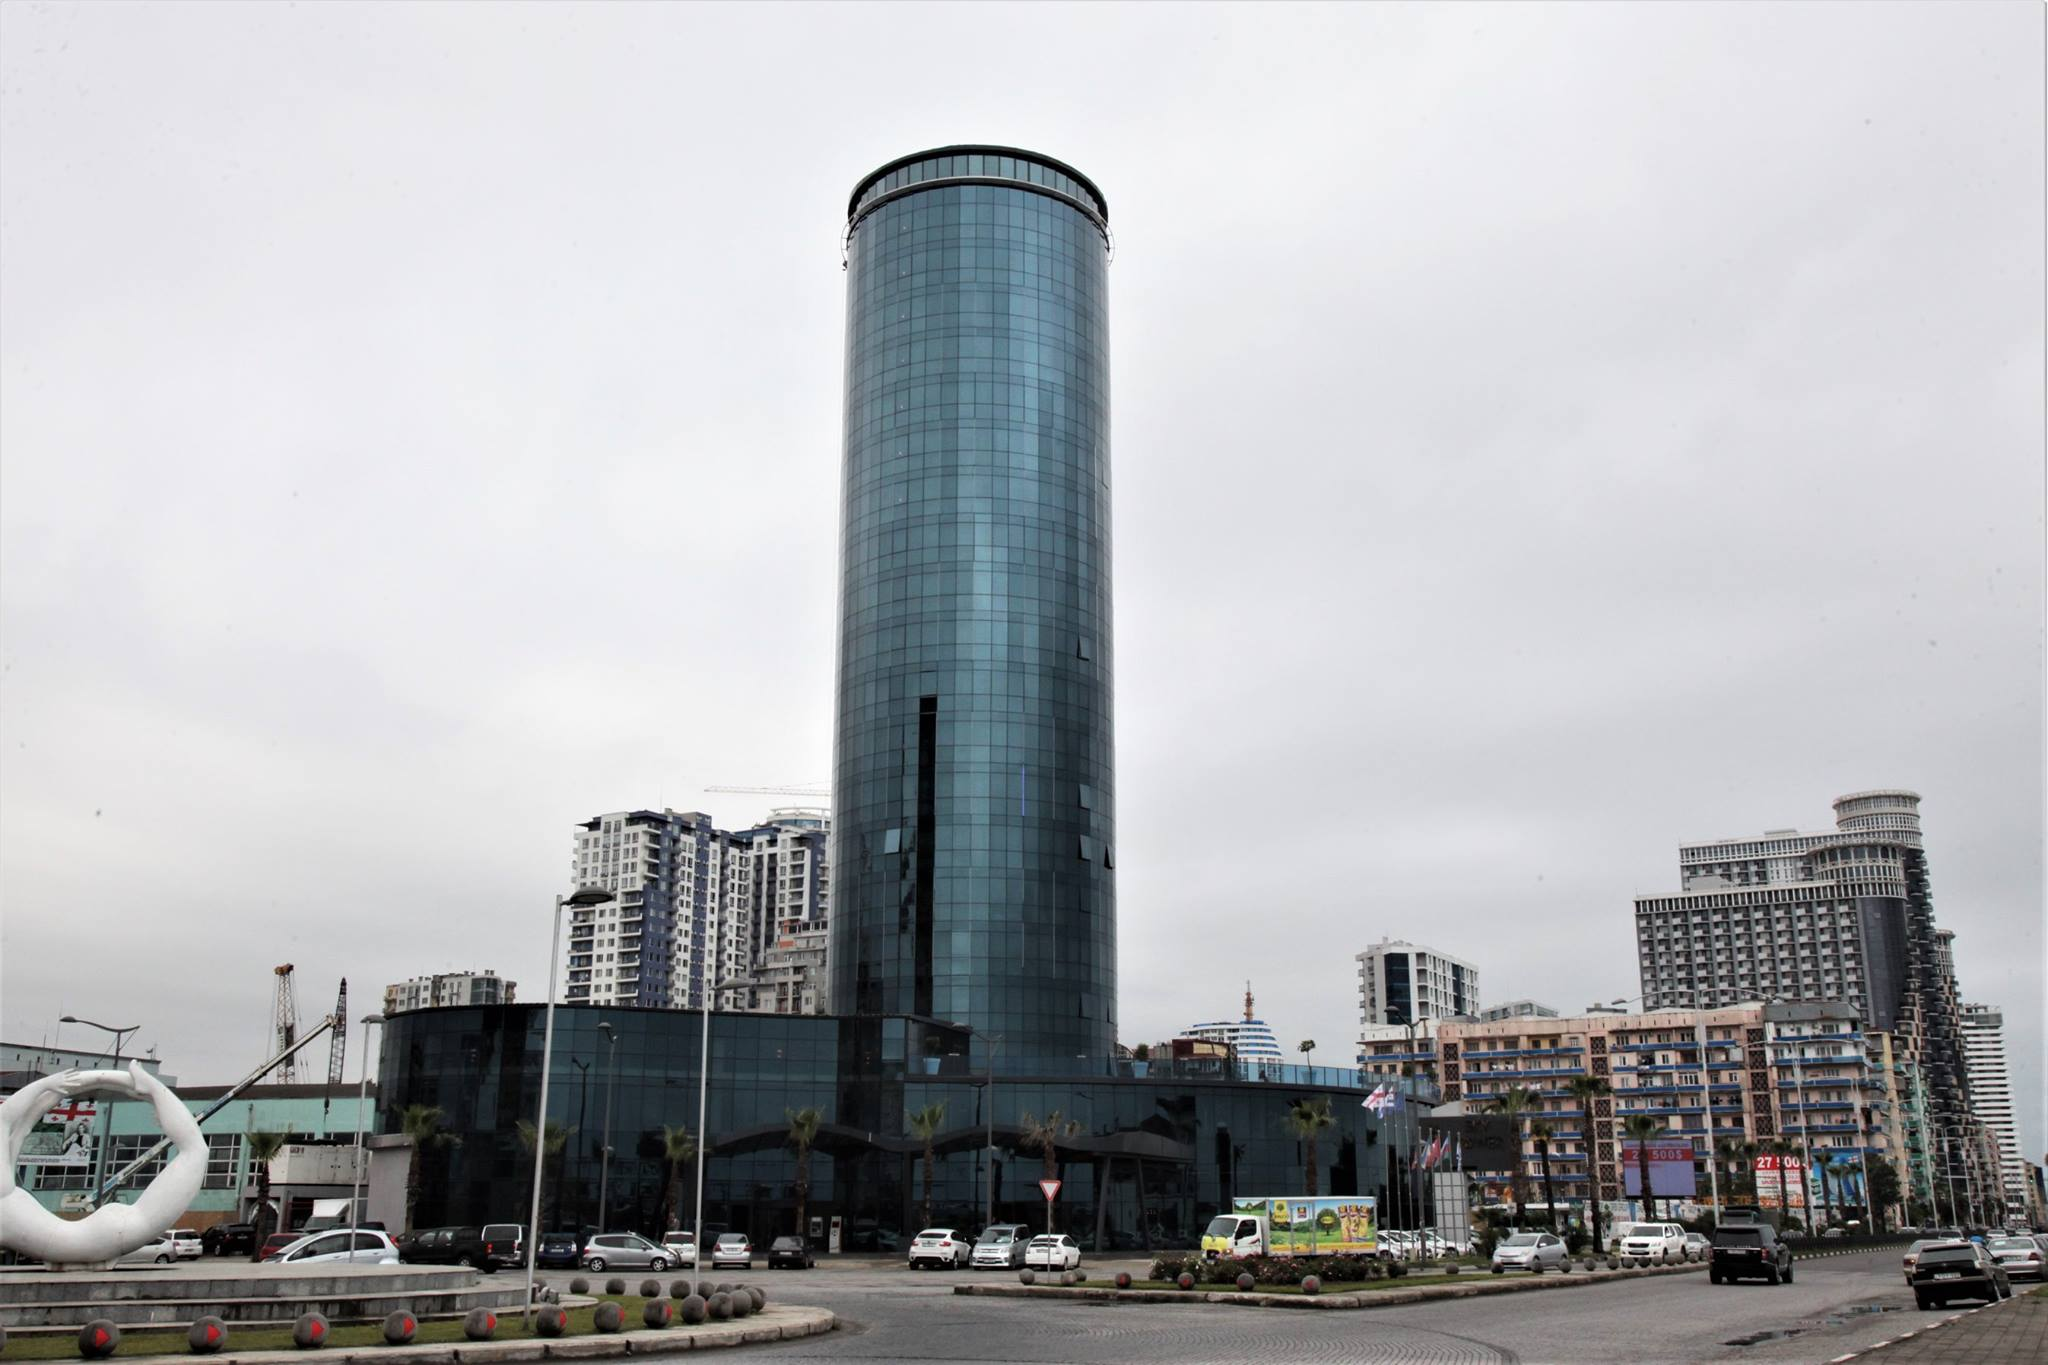 ბათუმში ახალი, თანამედროვე სტანდარტების სასტუმრო SKY TOWER-ი გაიხსნა